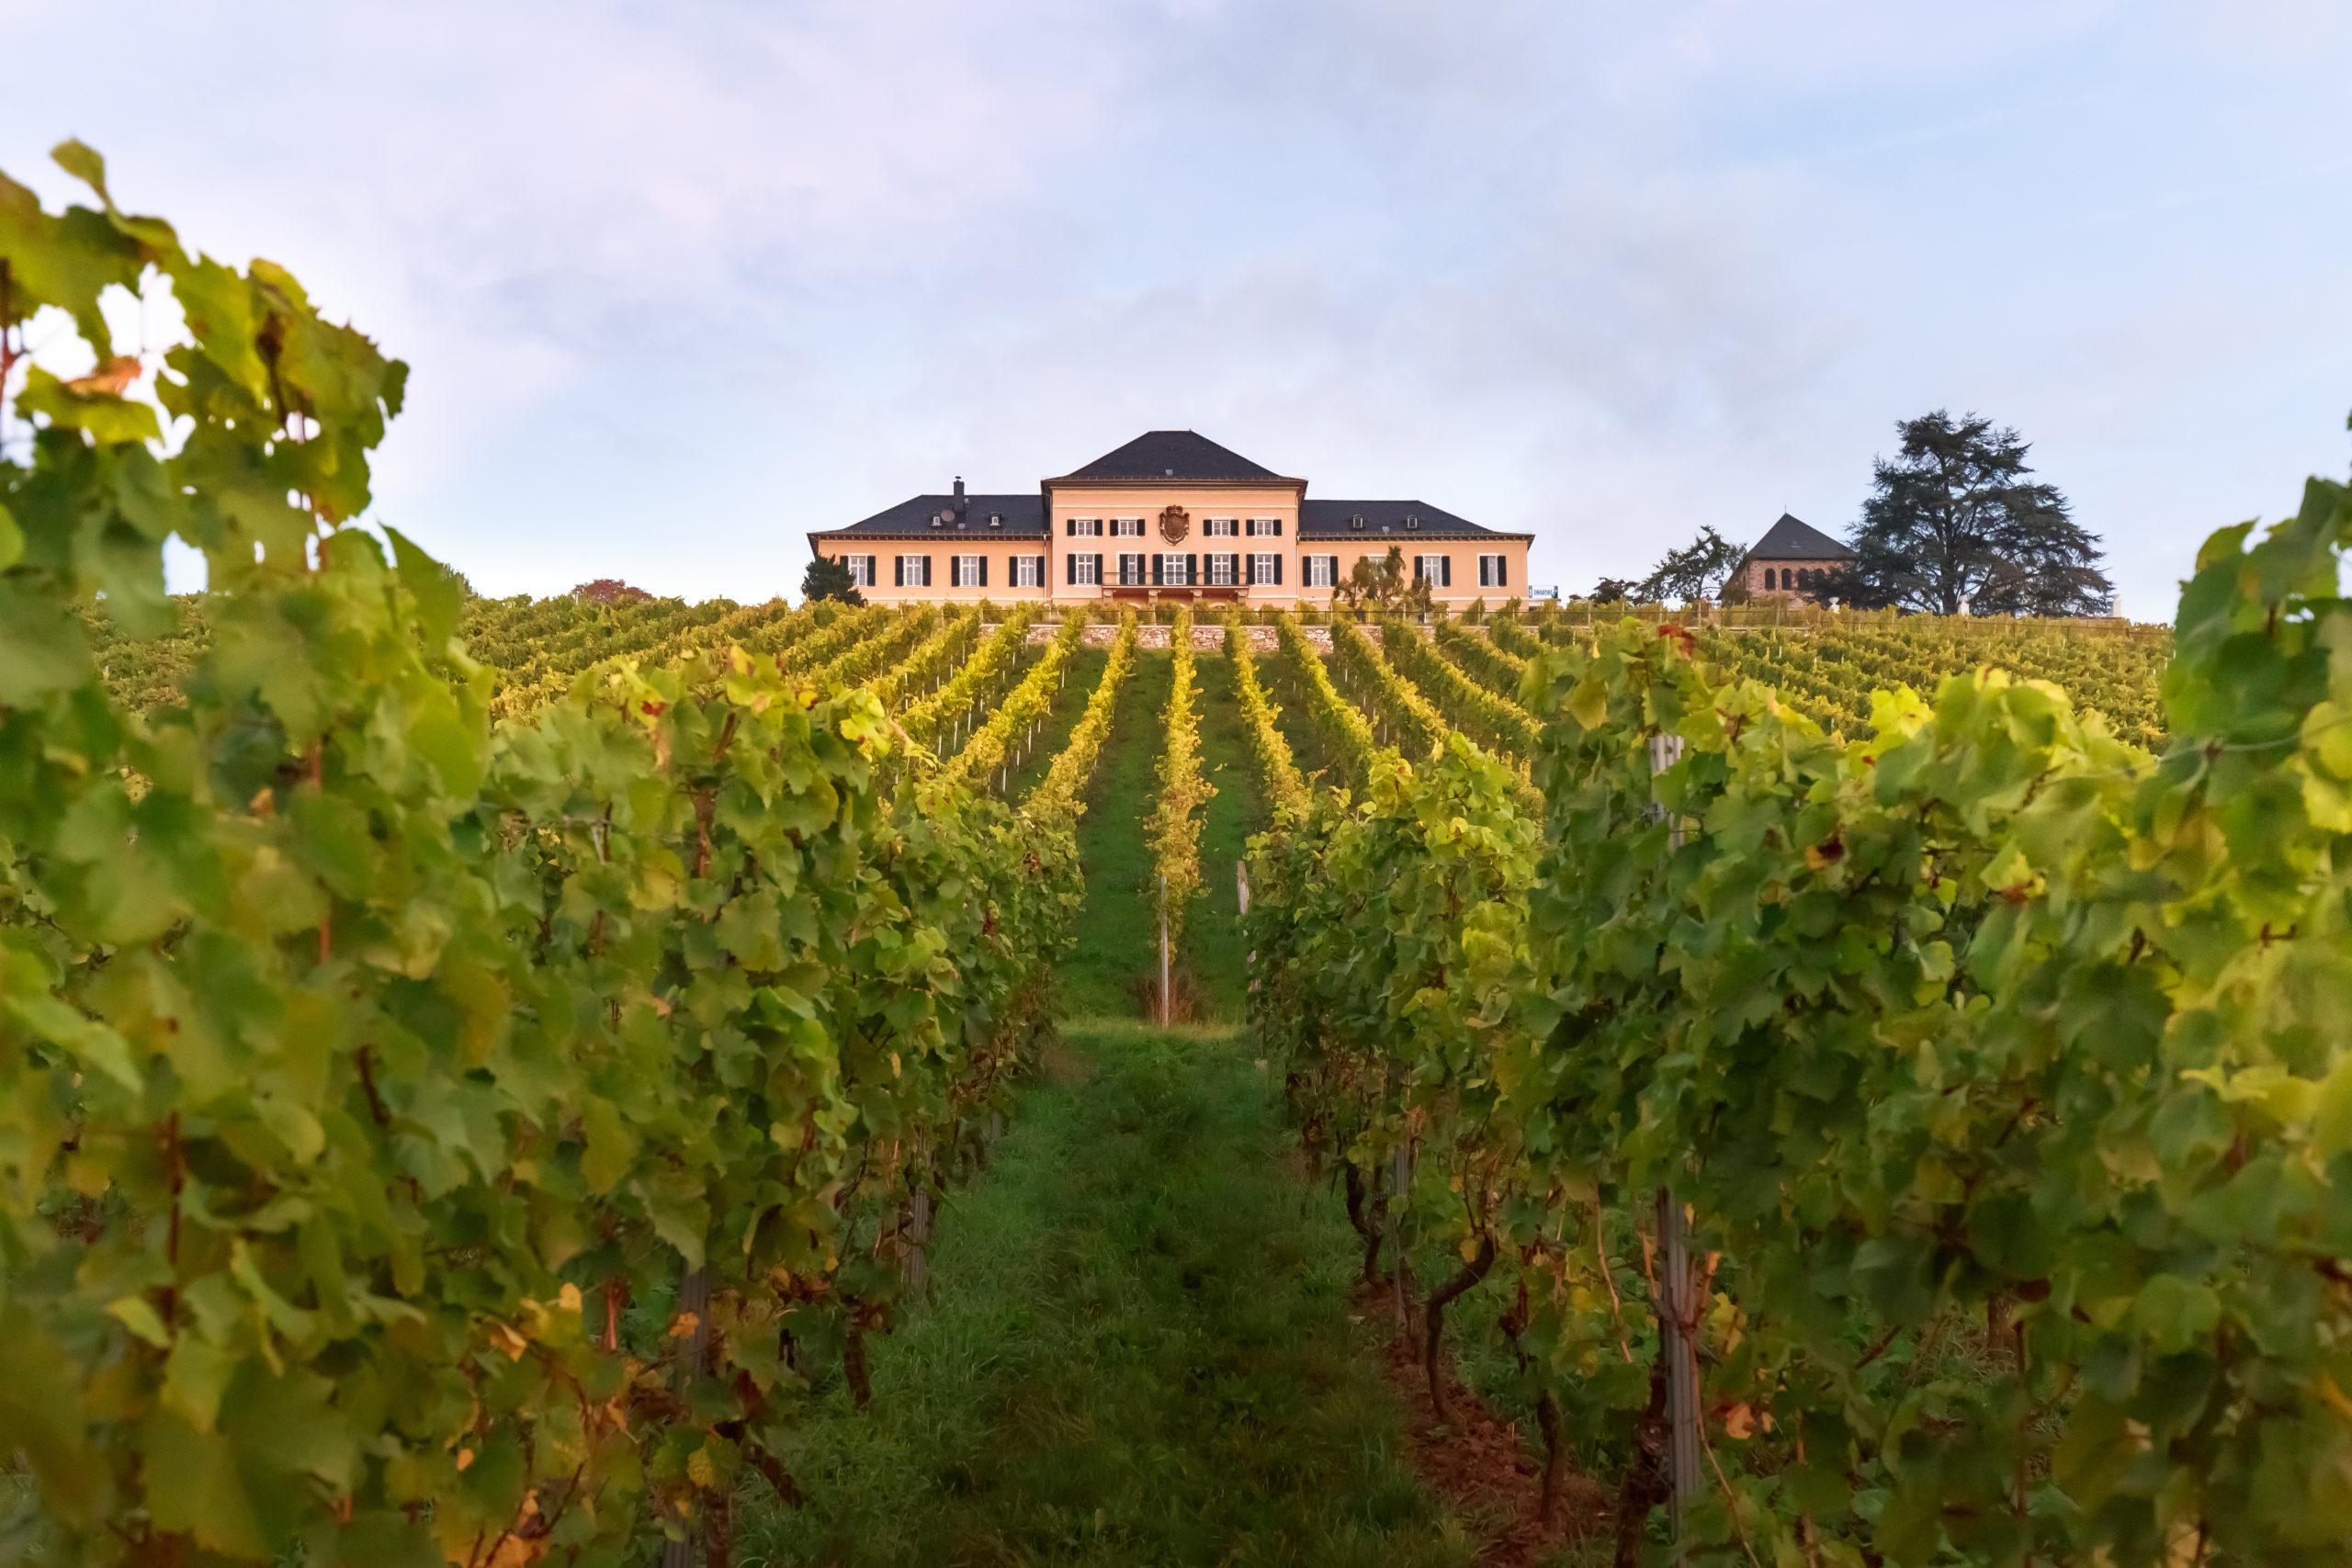 Vignoble Schloss Johannisberg